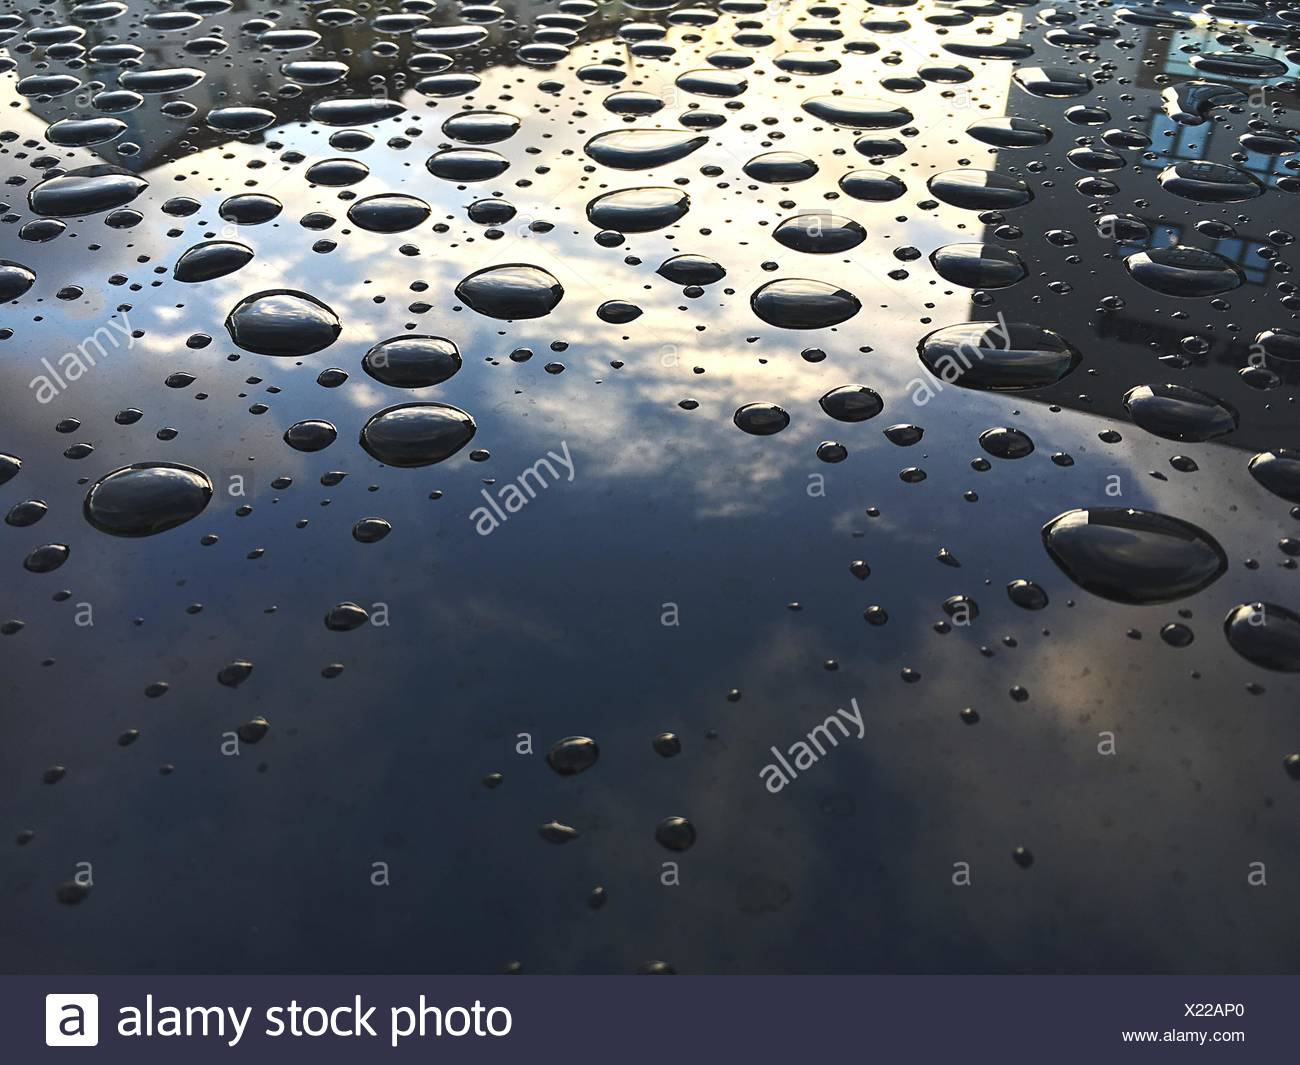 Primer plano de agua cae sobre el capó de coche Imagen De Stock